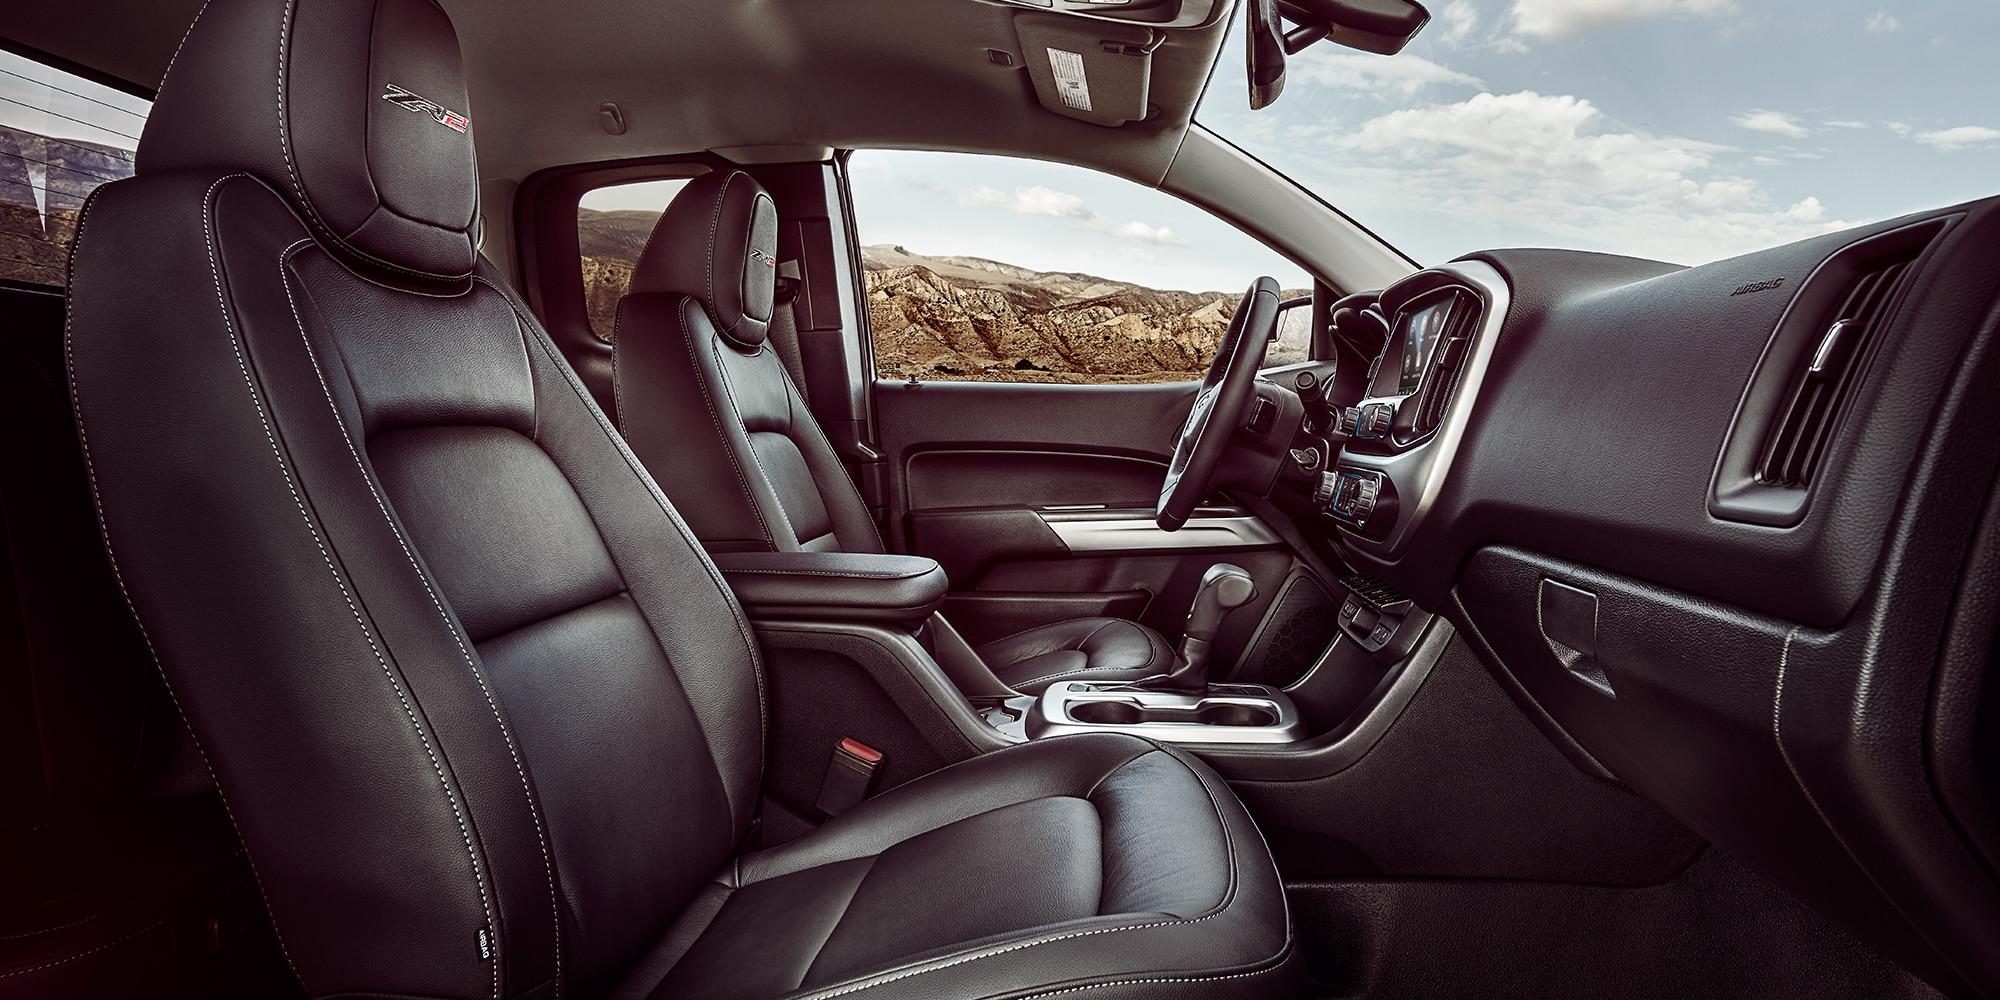 Diseño de la camioneta todo terreno Colorado ZR2 2019: asientos interiores de la parte delantera